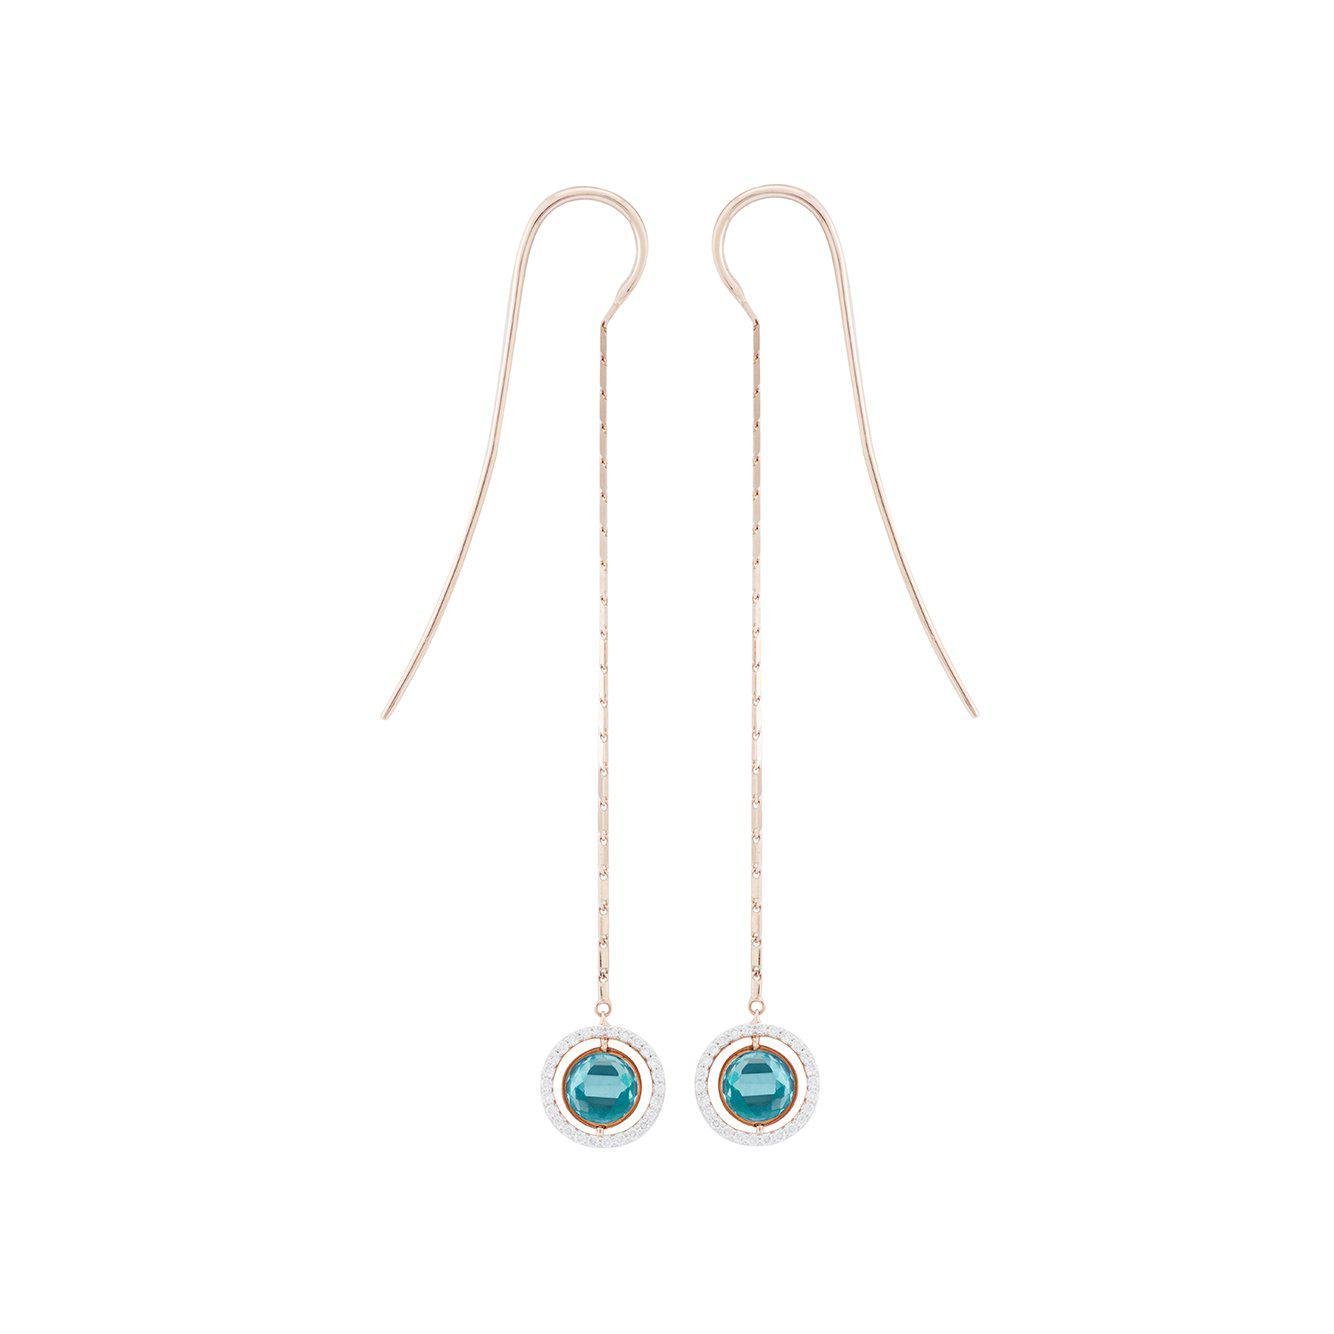 Swiveling Single Hook Earring Marie Mas MciH8SG